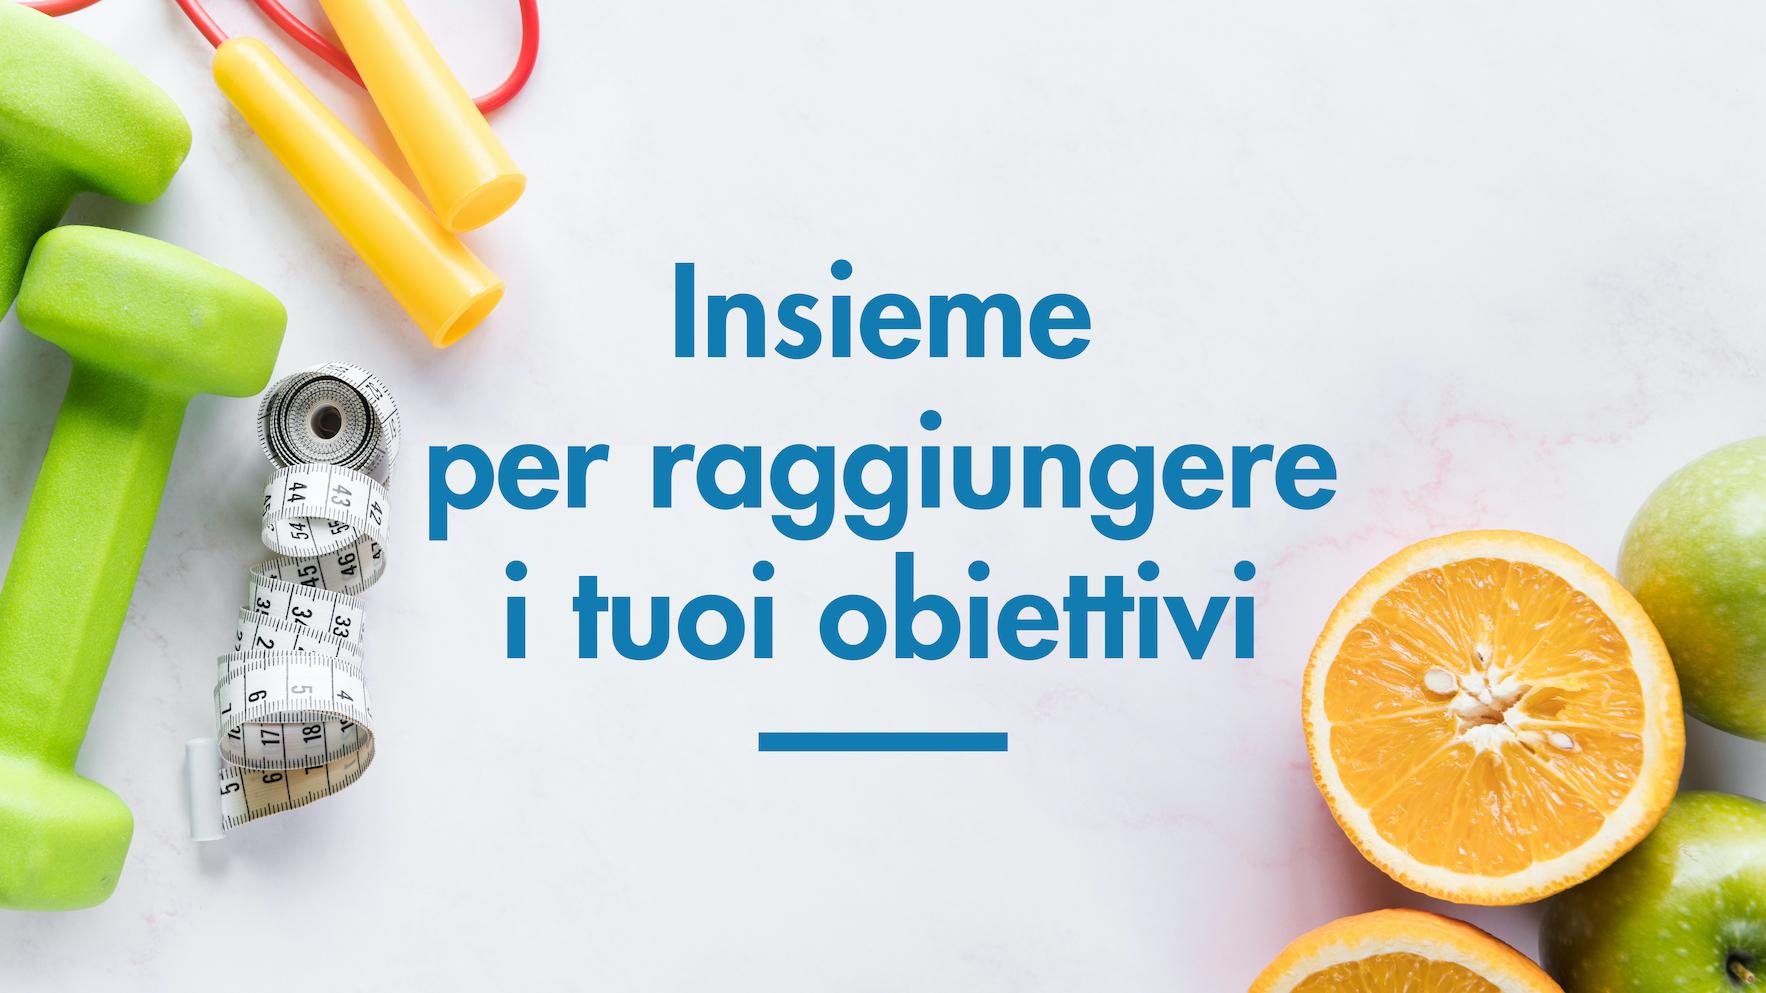 Immagine di frutta e attrezzi per palestra e slogan di Studio Benessere360